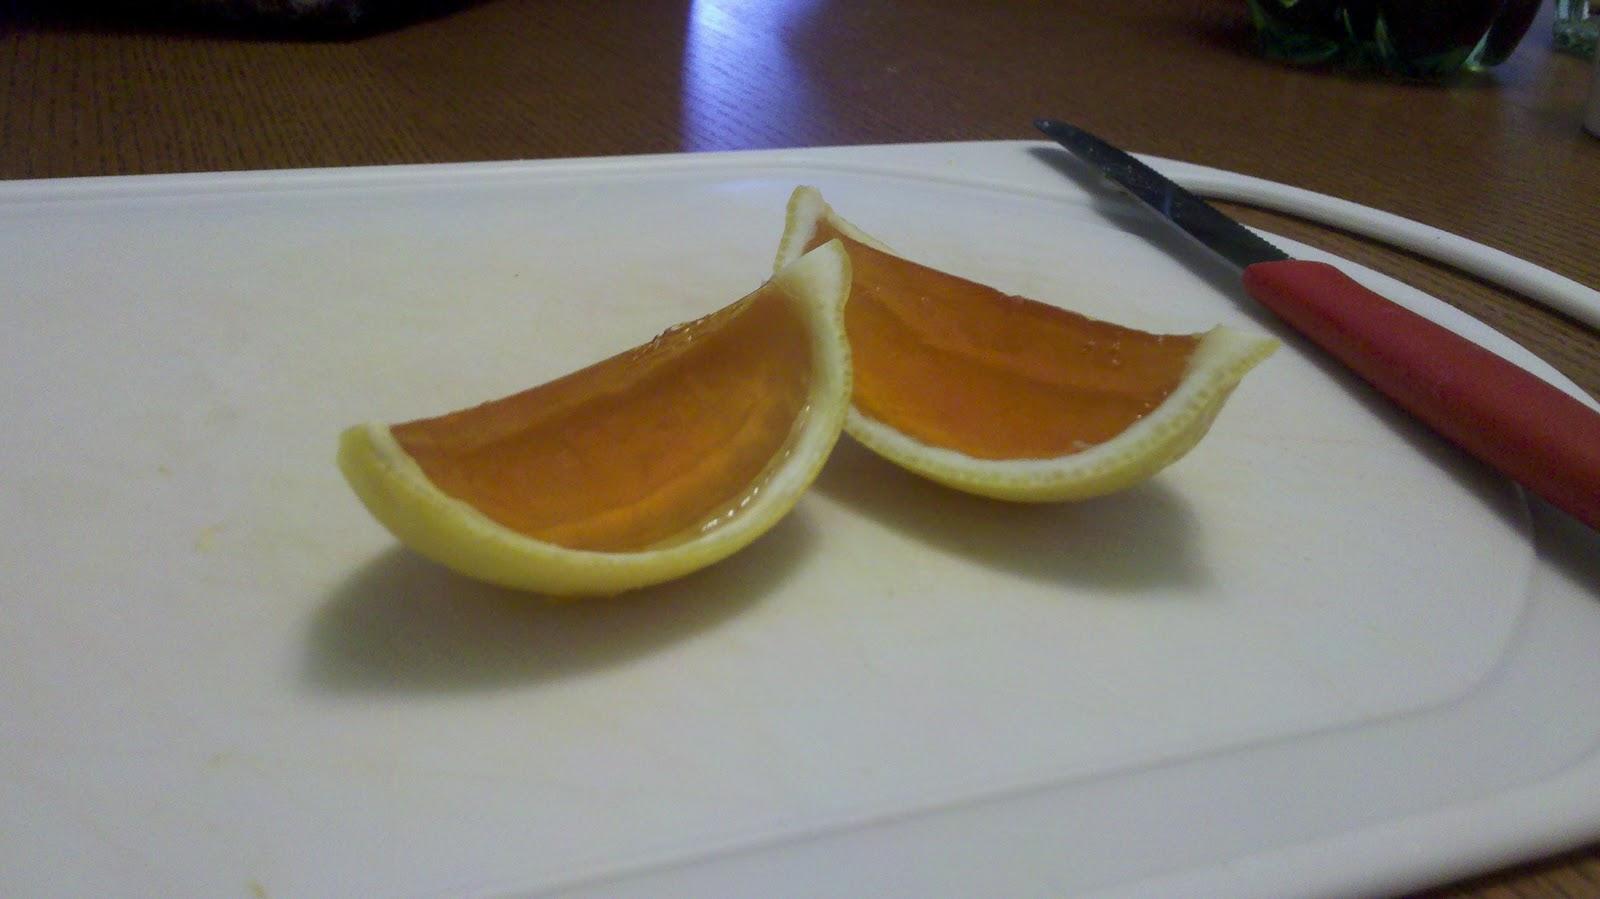 ... of lemon jell o firefly vodka and 10 lemons make the jell o normally